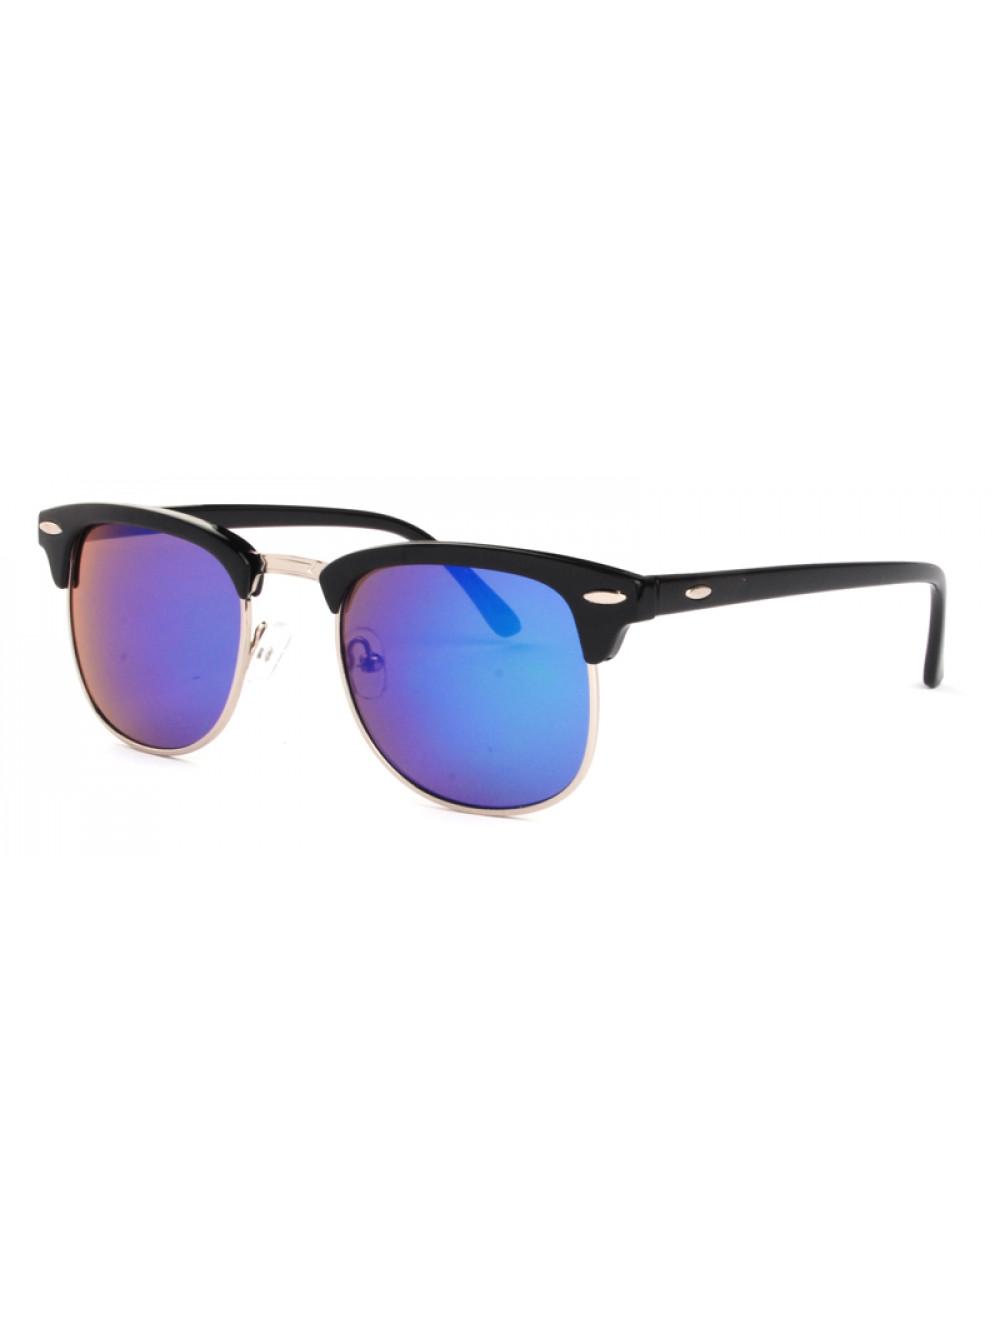 8c3bde5c3 Slnečné okuliare Wayfarer Clubmaster Indigo